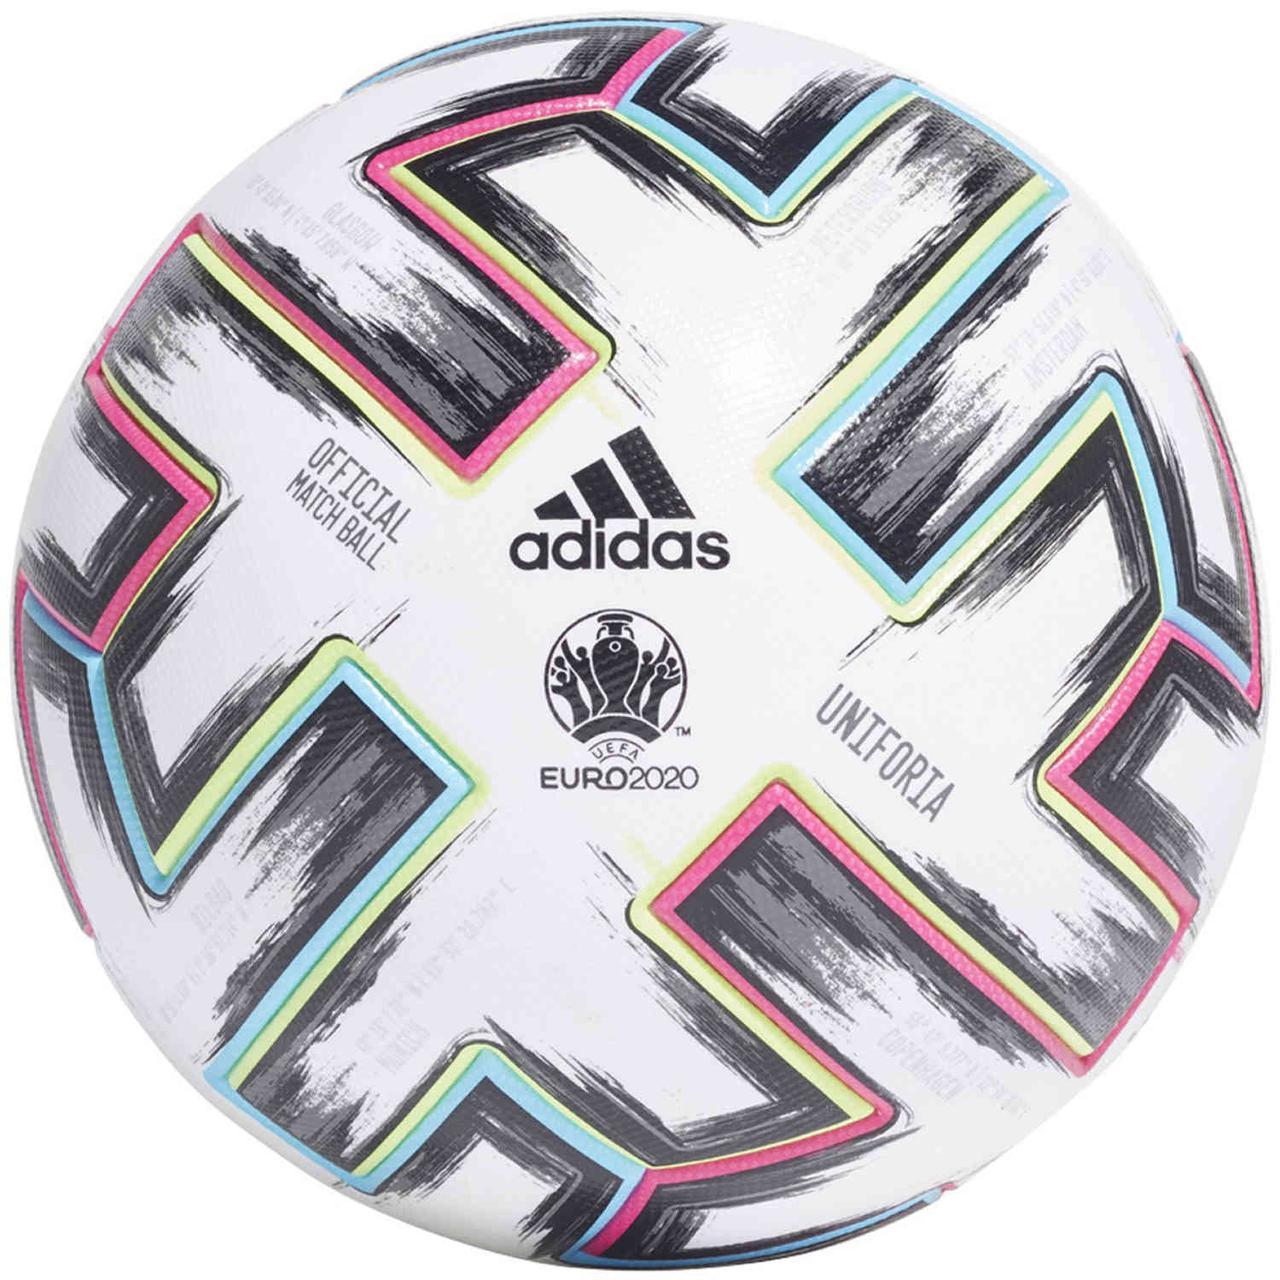 М'яч футбольний офіційний Adidas Uniforia Pro OMB Euro-2020 FH7362 Білий